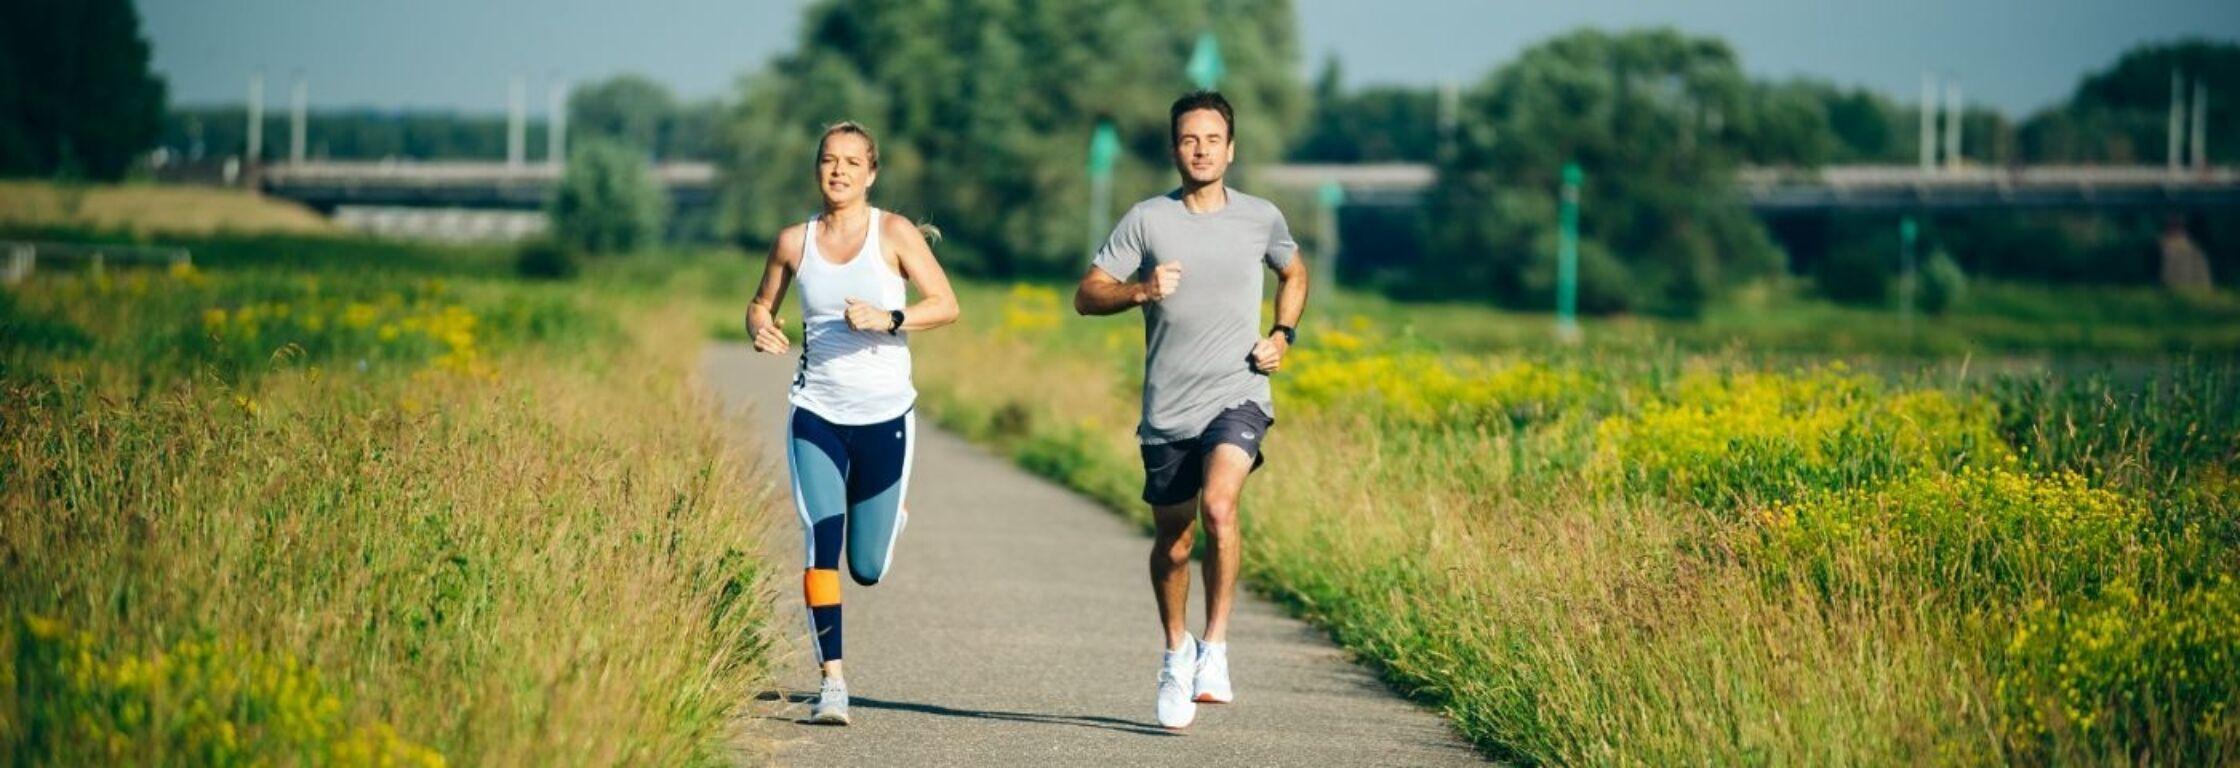 Waarom zijn vrouwen niet zo snel als mannen?